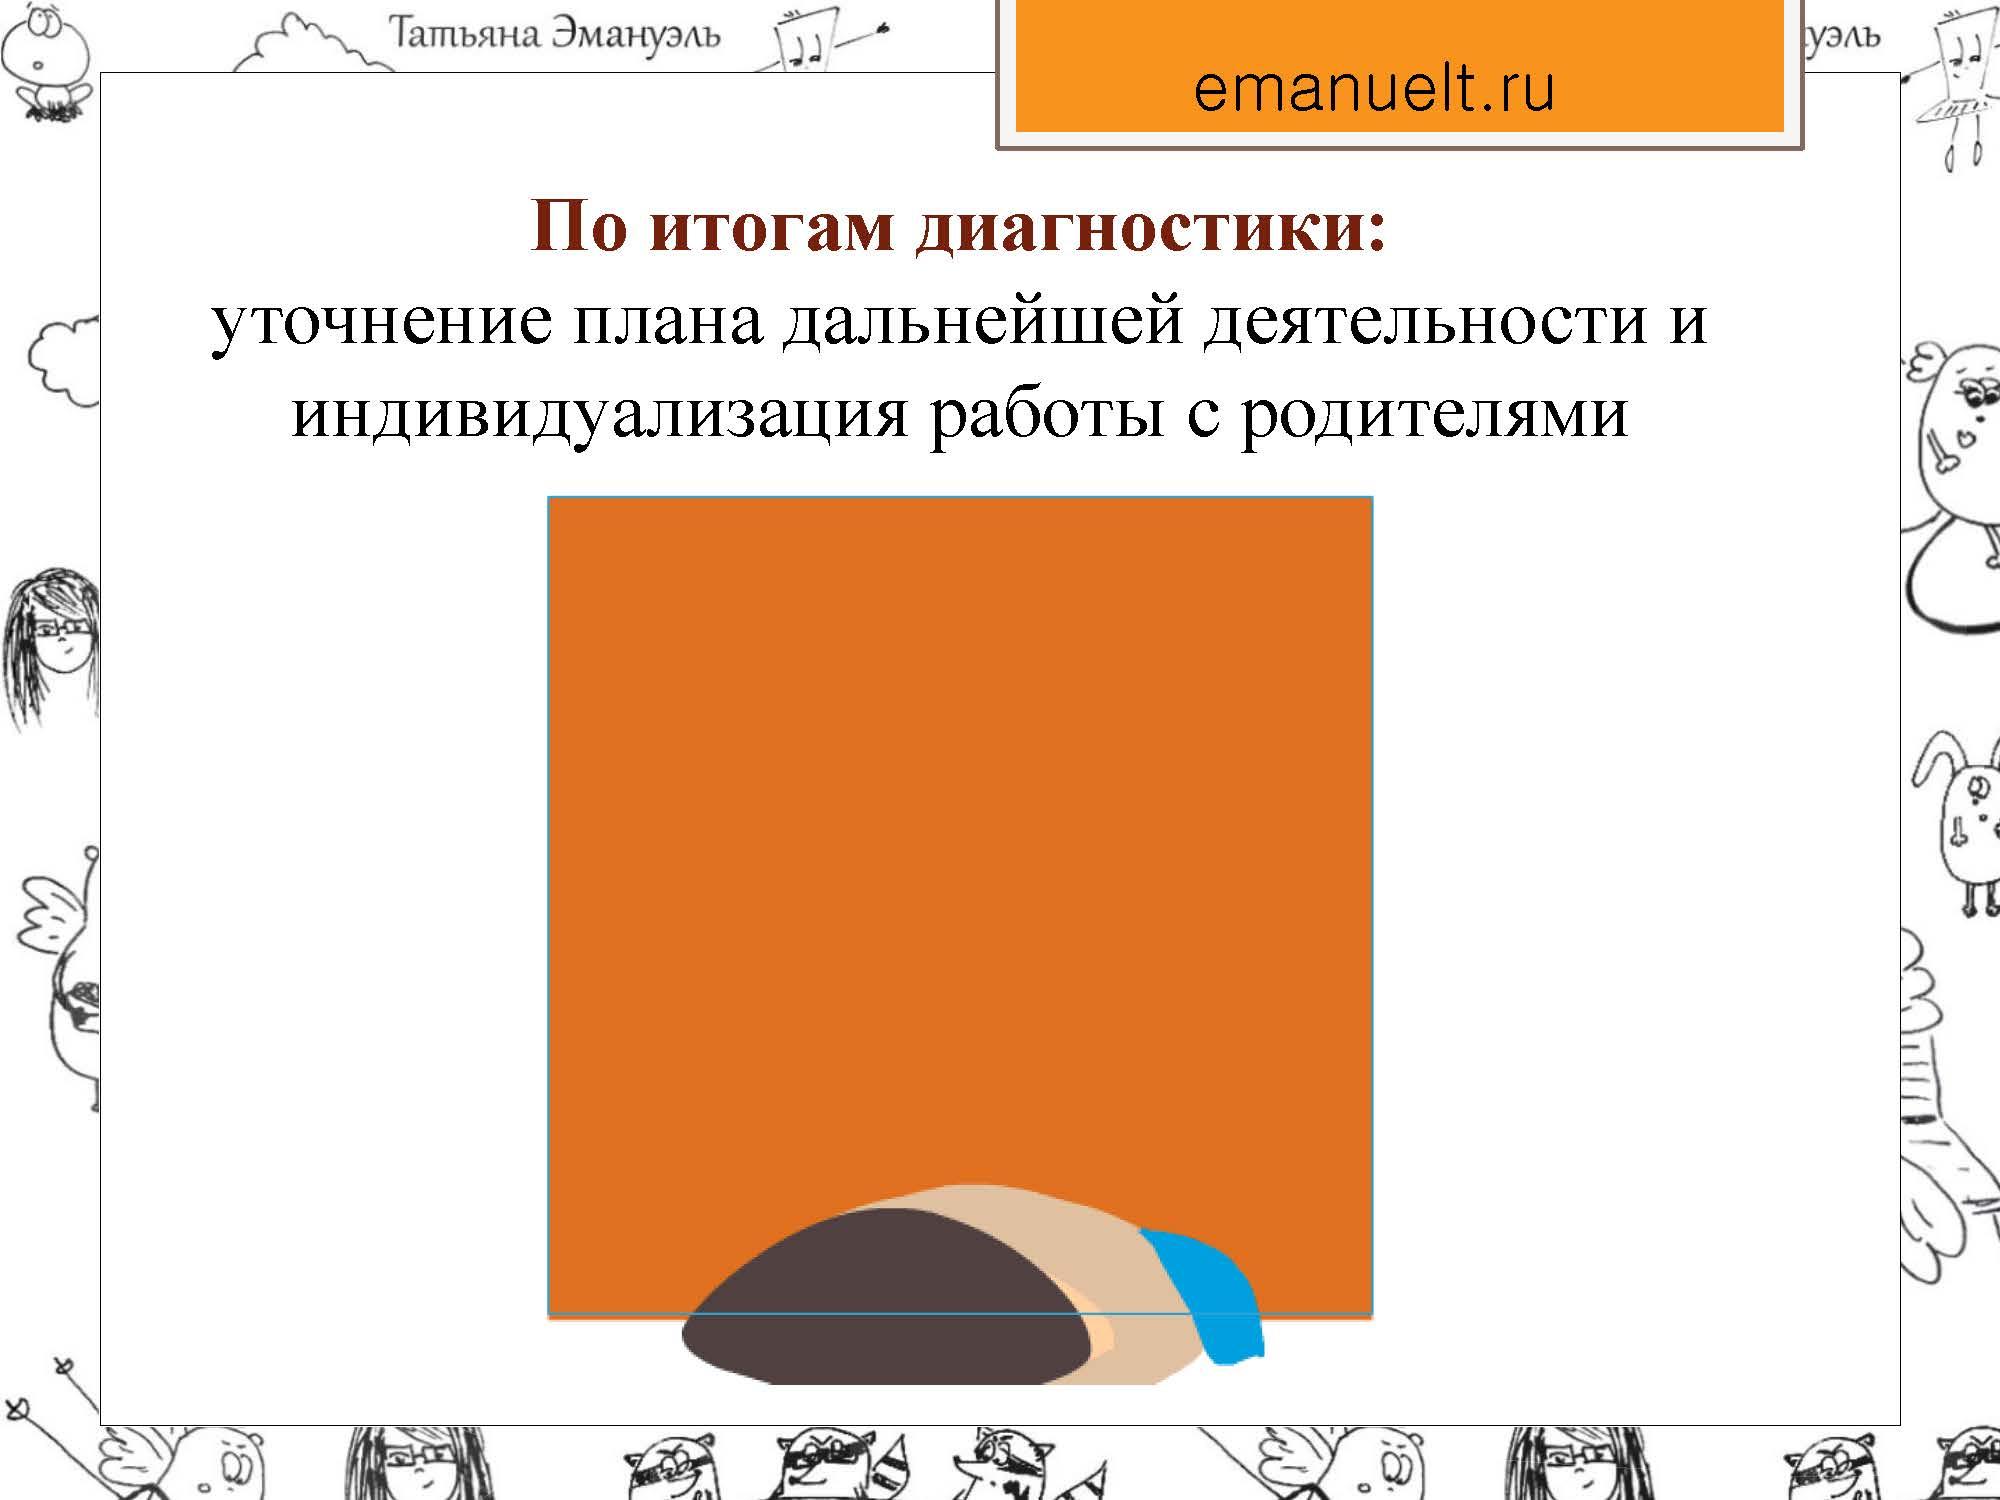 секция 8. Эмануэль Т.С., Московский район_Страница_08